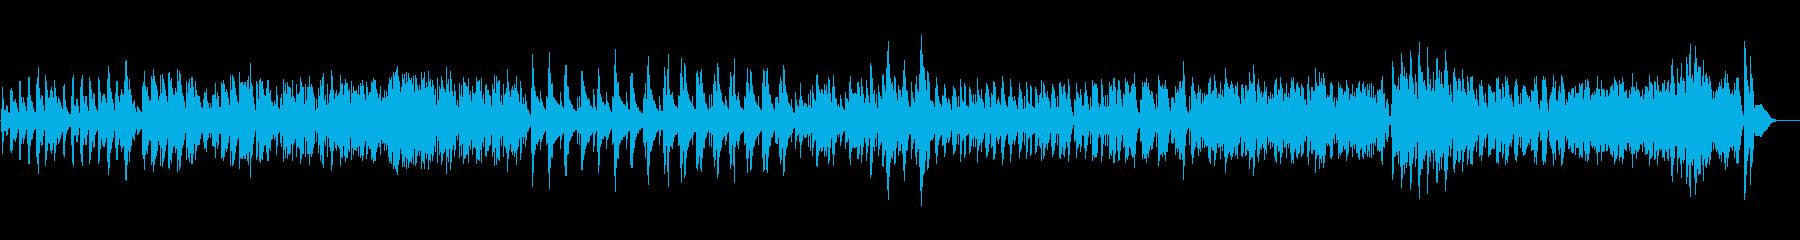 ハープの悲しみに満ちた歌の曲の再生済みの波形